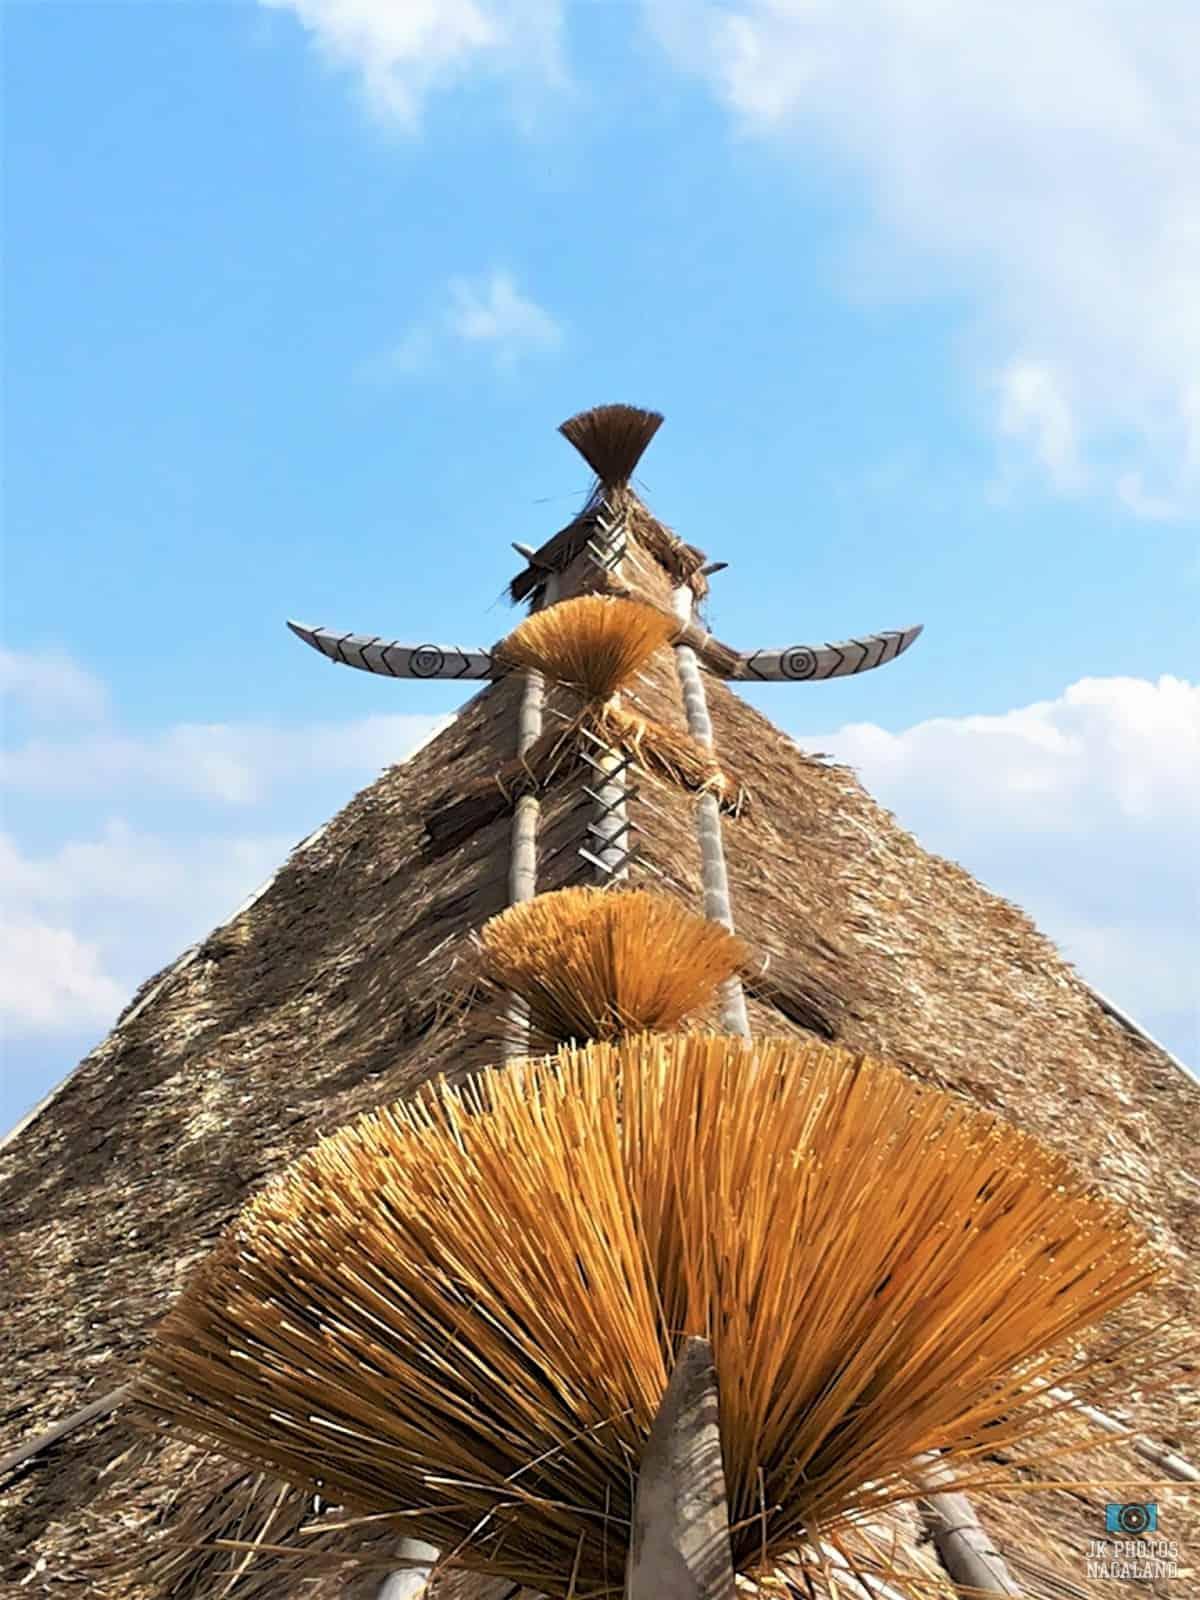 naga-traditional-huts=house-architecture-nagaland-09.jpg